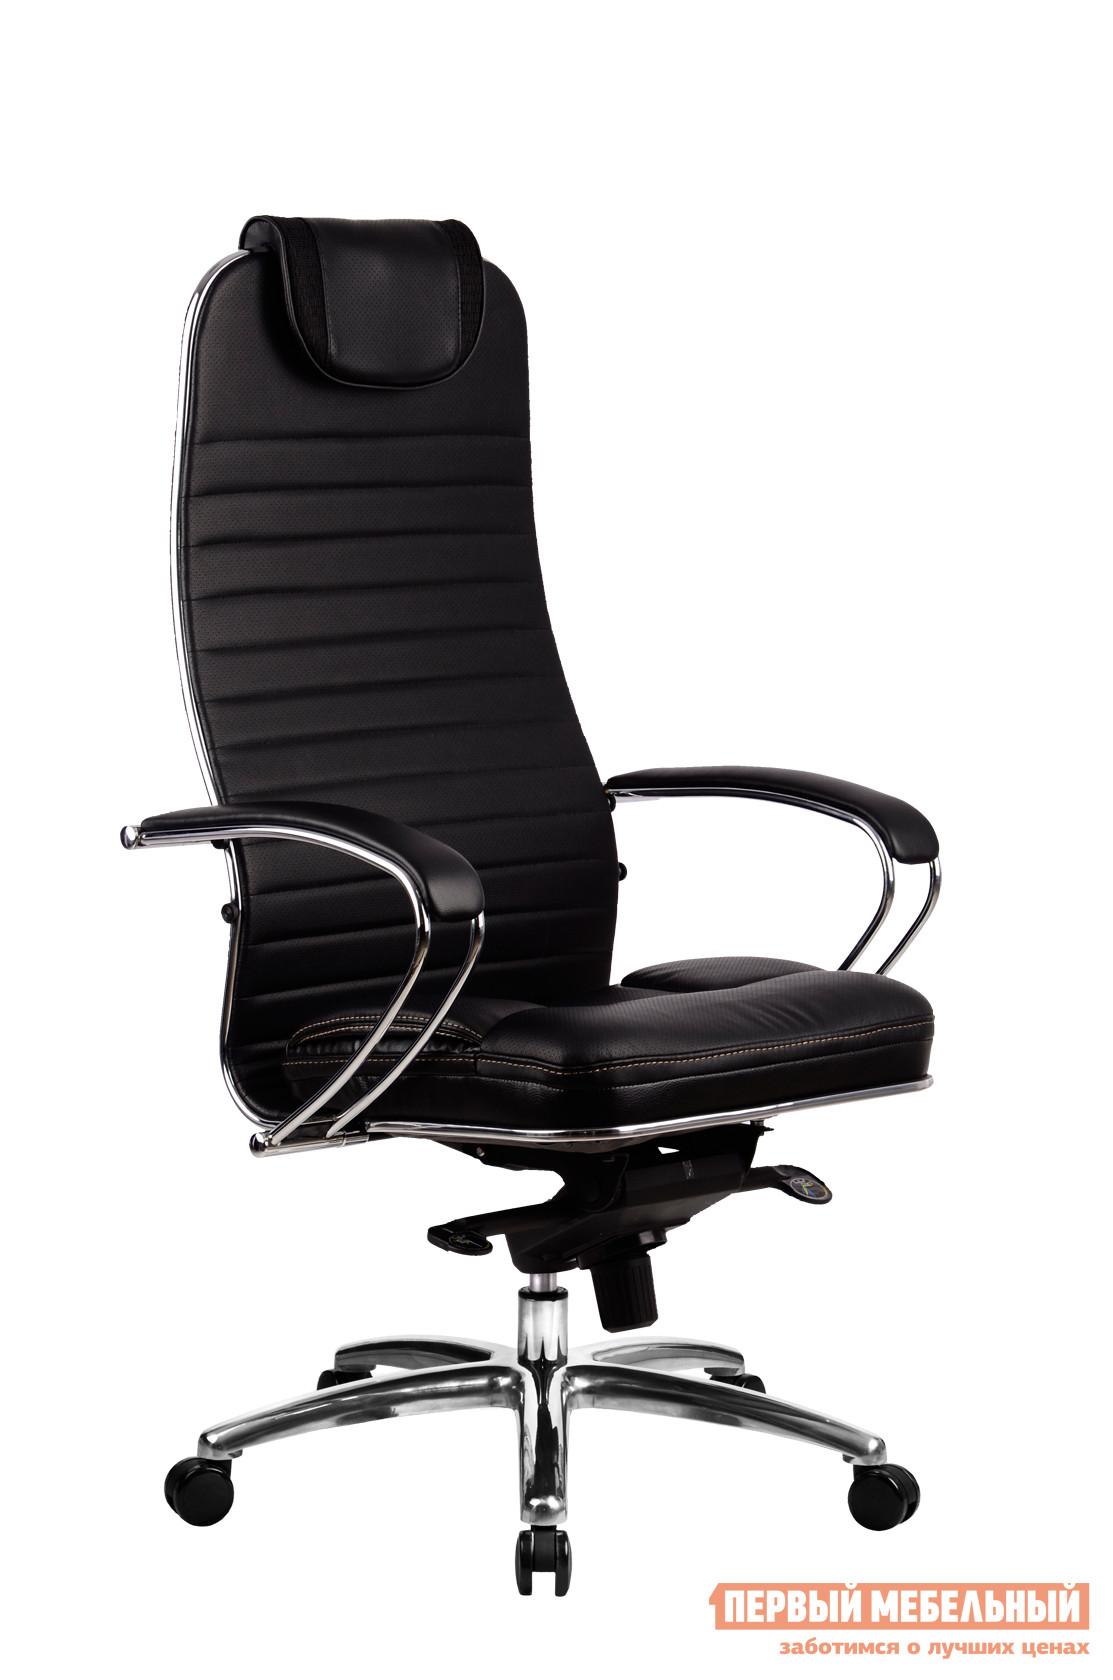 Кресло руководителя Метта Samurai KL-1.02 samurai kl 3